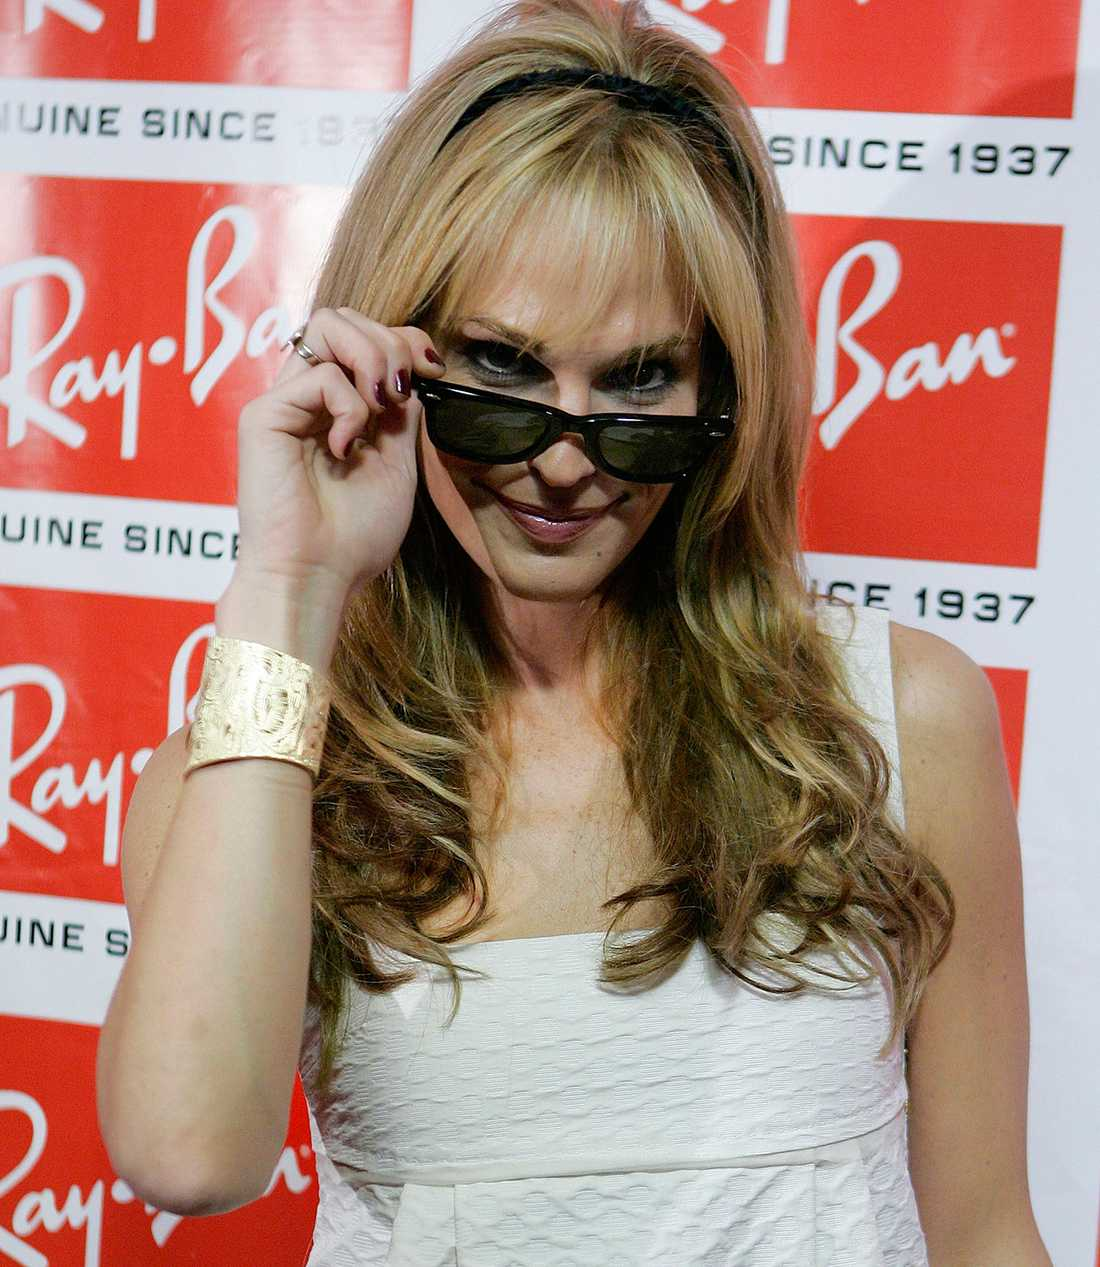 Modellen Molly Sims poserar i ett par Ray-Ban som ägs av Luxottica, den stora aktören på glasögonmarknaden.